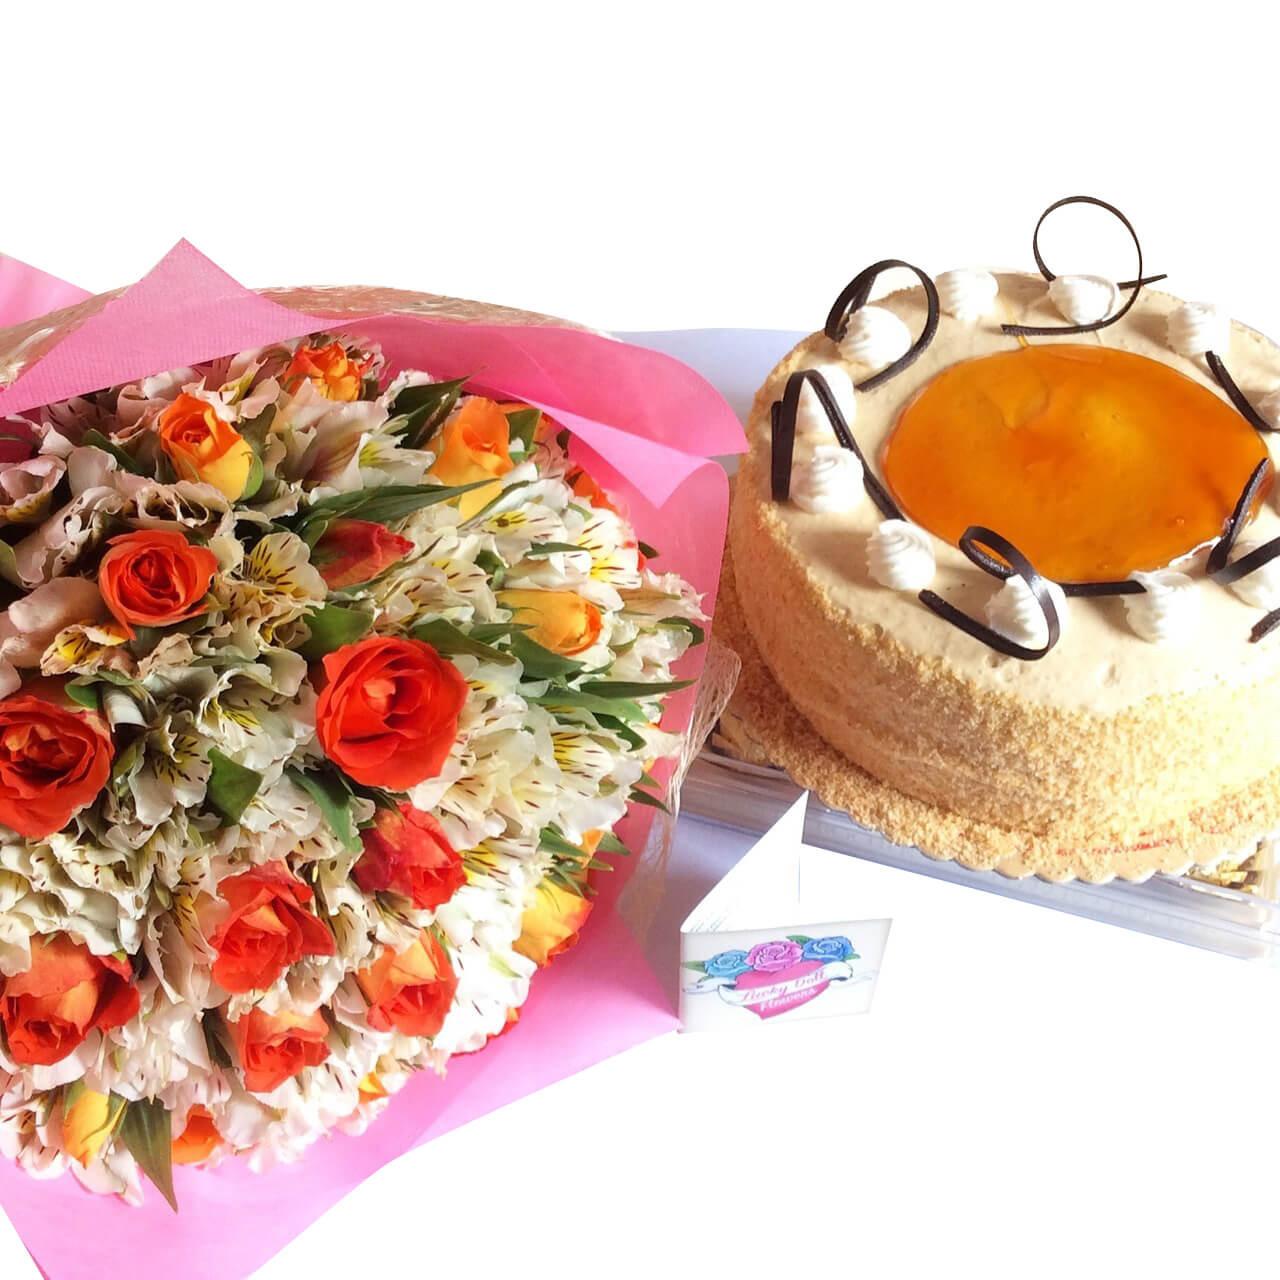 12 Korean Roses Lilies bouquet & Dulce de Leche Cake